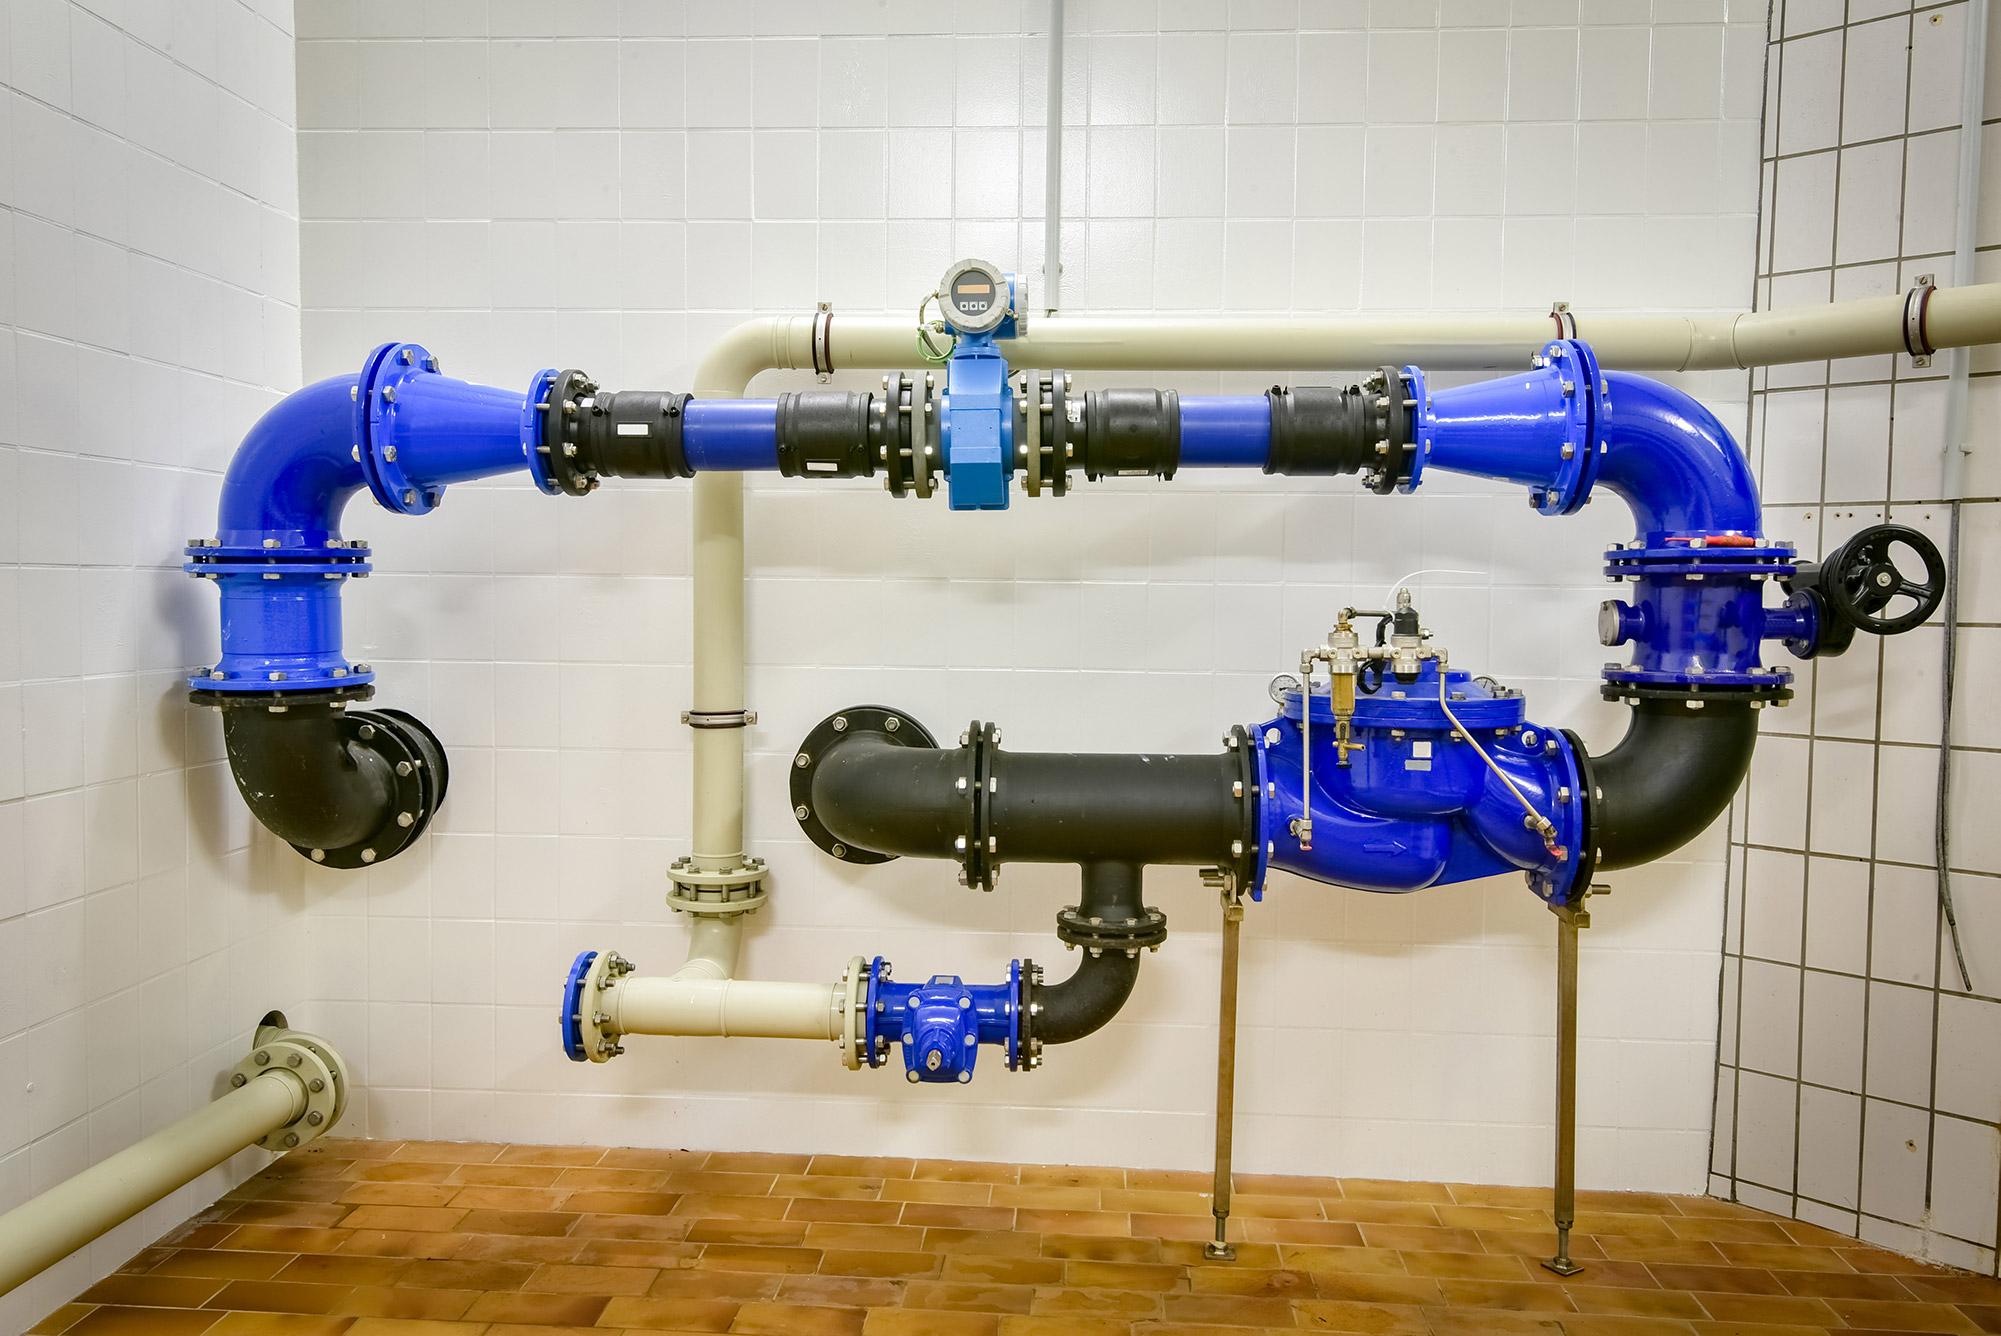 Es sind Rohre einer Trinkwasseranlage in einem Wohngebäude zu sehen.